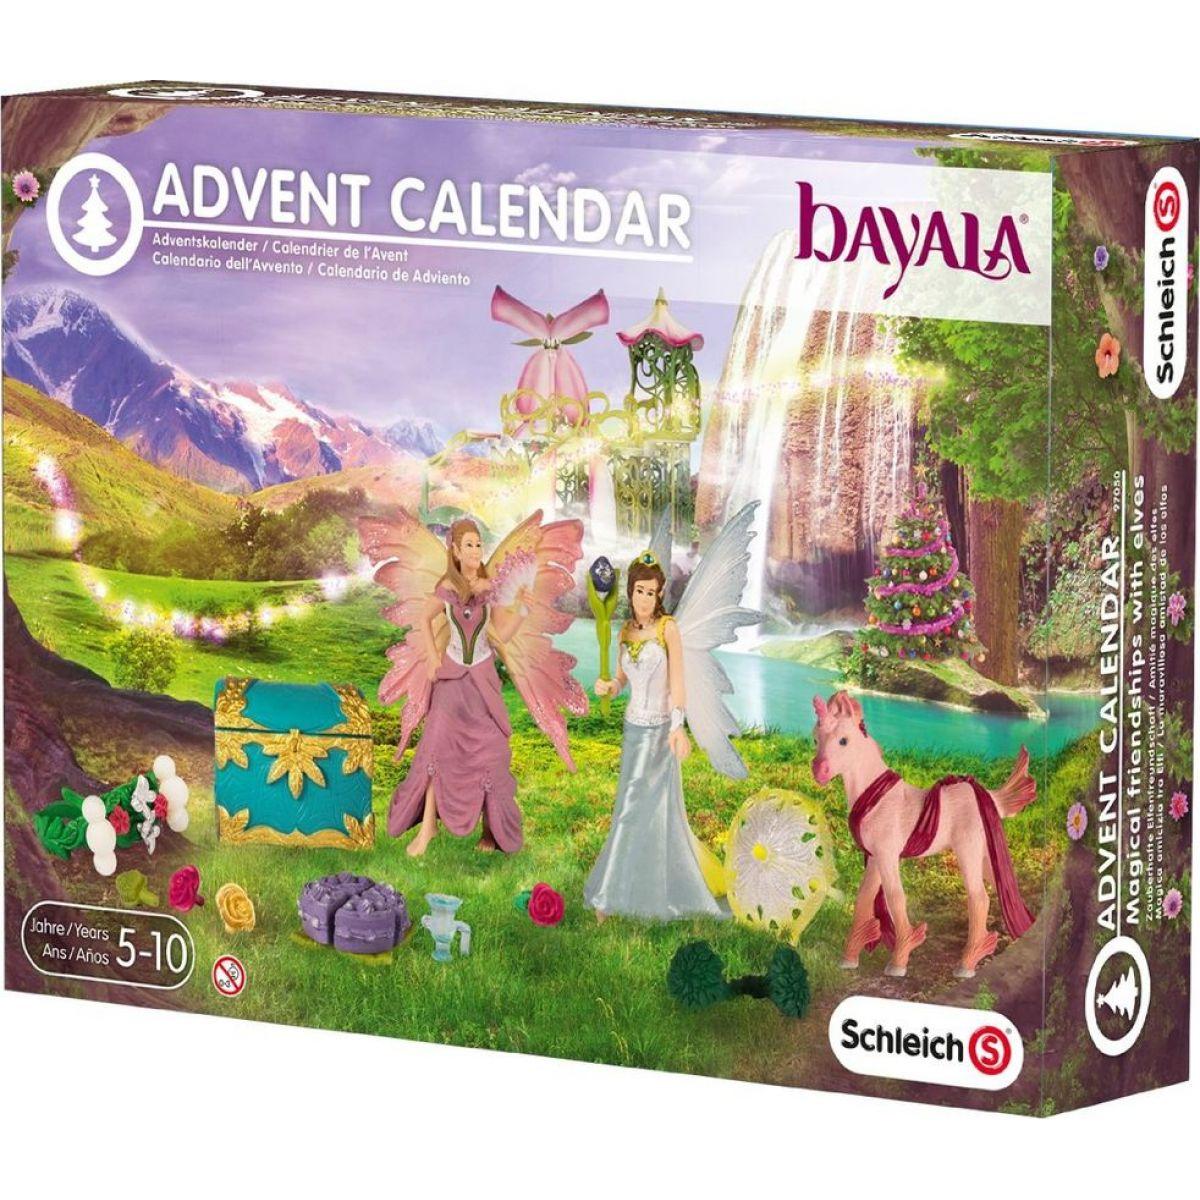 Schleich 97050 Adventní kalendář 2015 Bayala